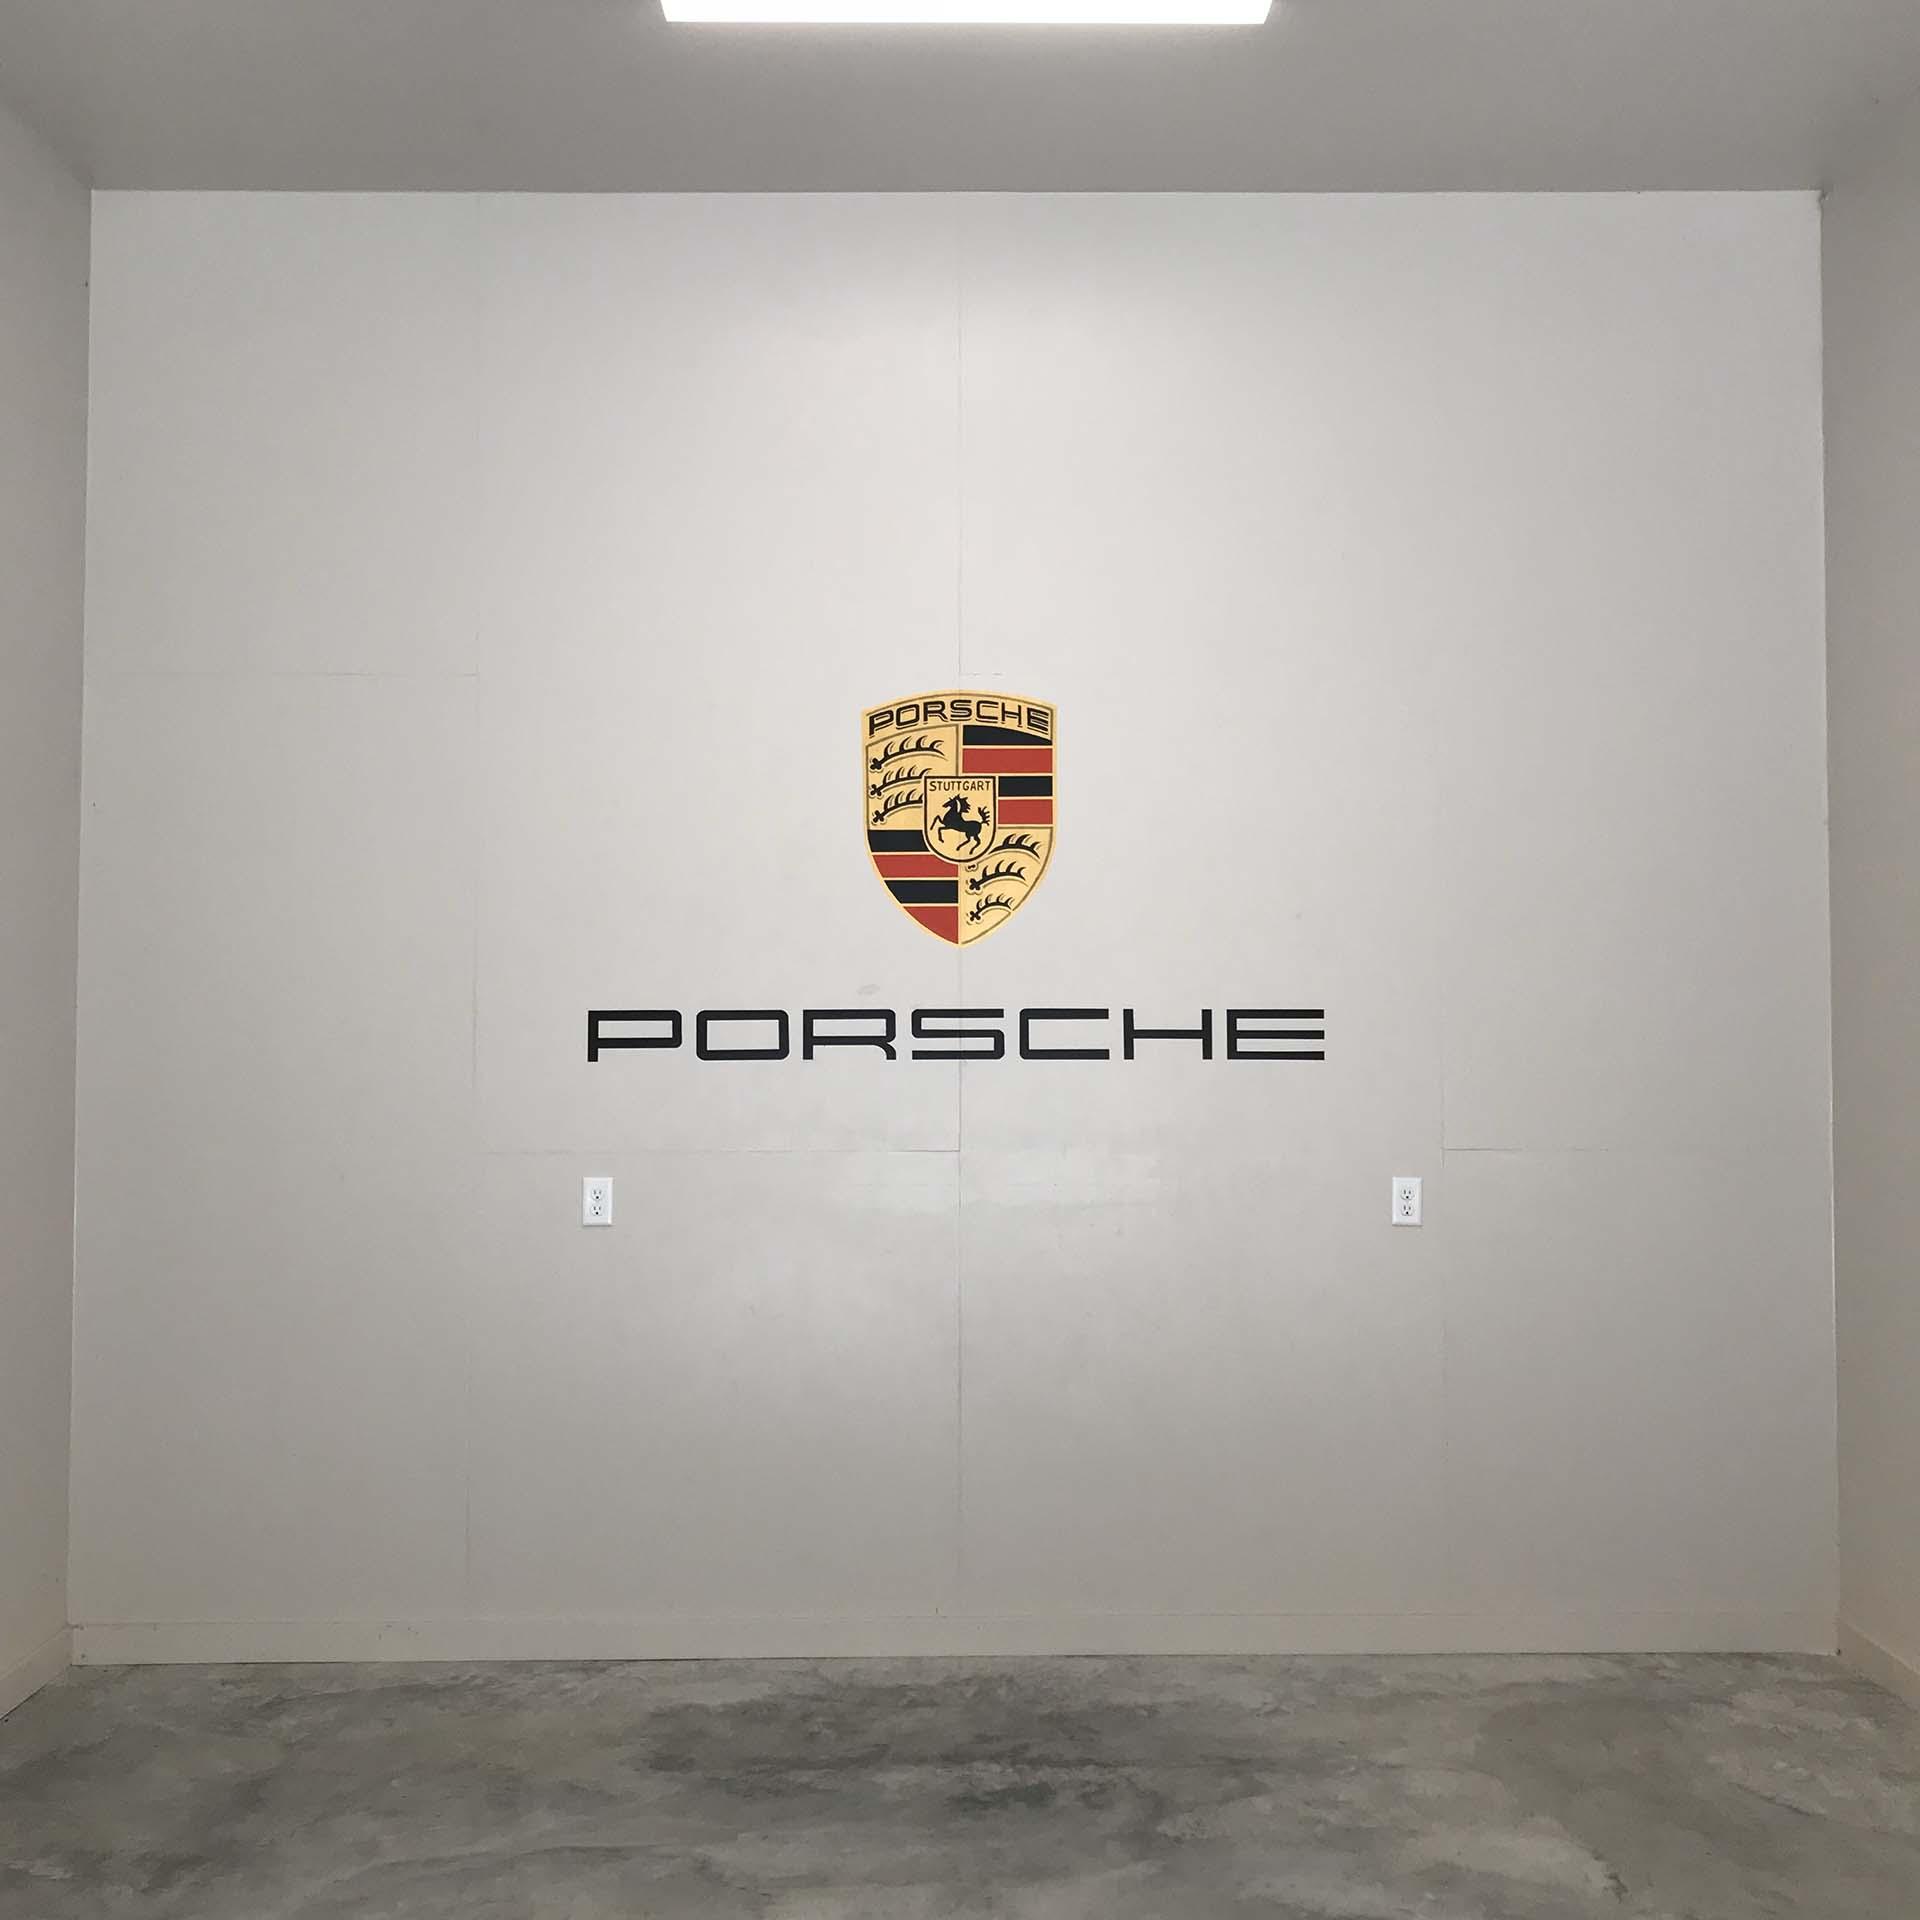 sign mural - Porsche emblem mural - hand lettering - custom mural - mural - Dace Kidd - Mural Artist Tx